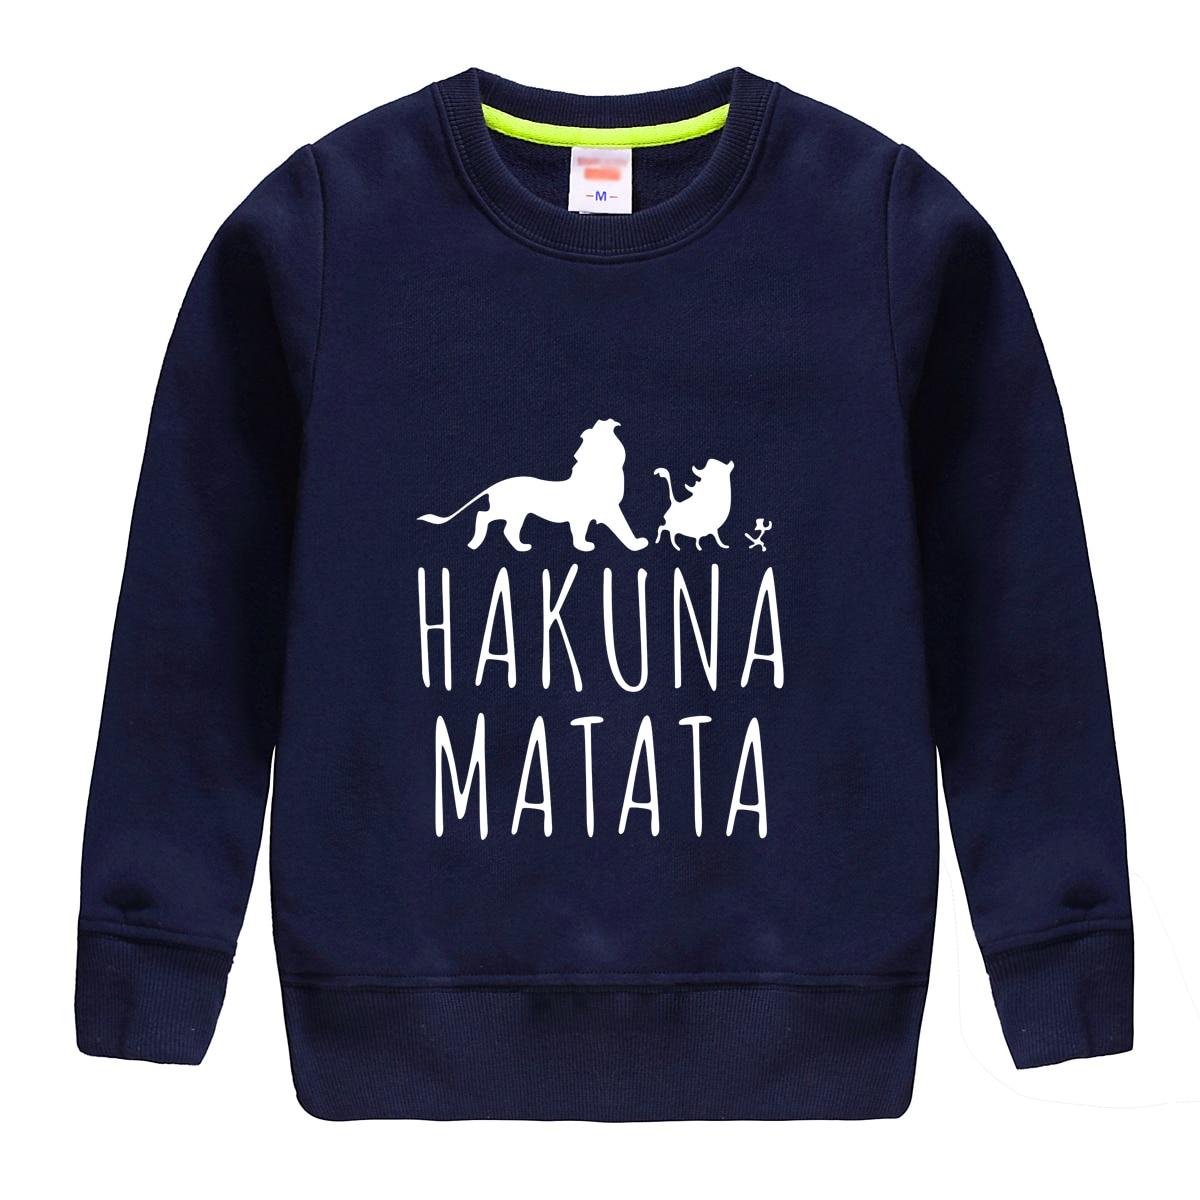 2018 Spitzenverkauf Lustige Print Top Weiche Pullover Jungen Hoodie Kleidung Qualitäts-baumwolle Sweathsirt Design Für 4-13 T Kind Top